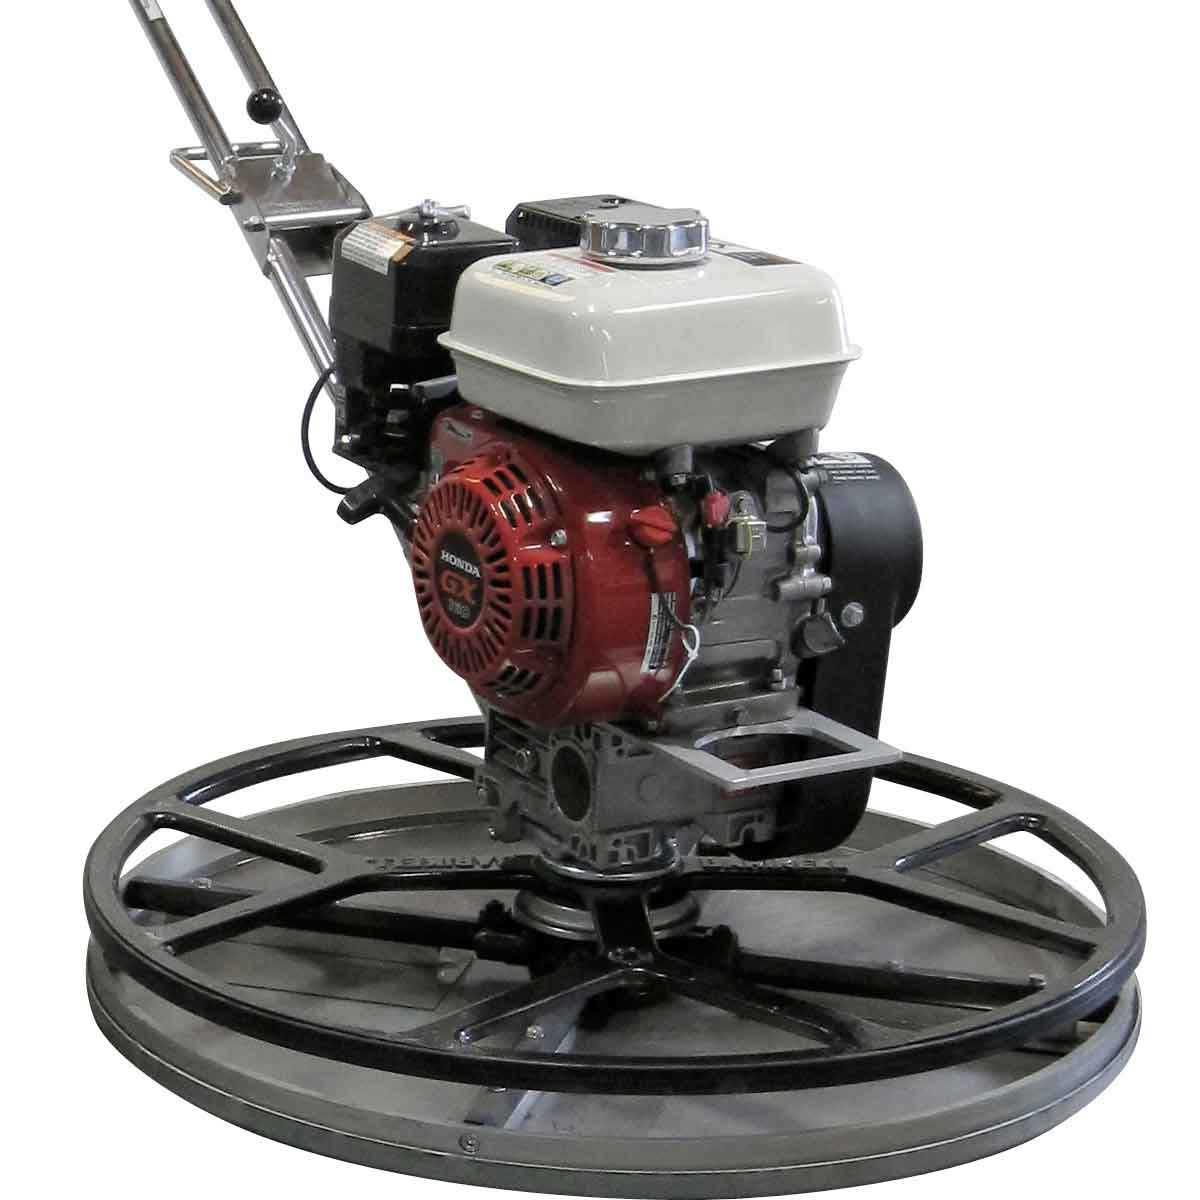 308288 MBW F30 Power Trowel